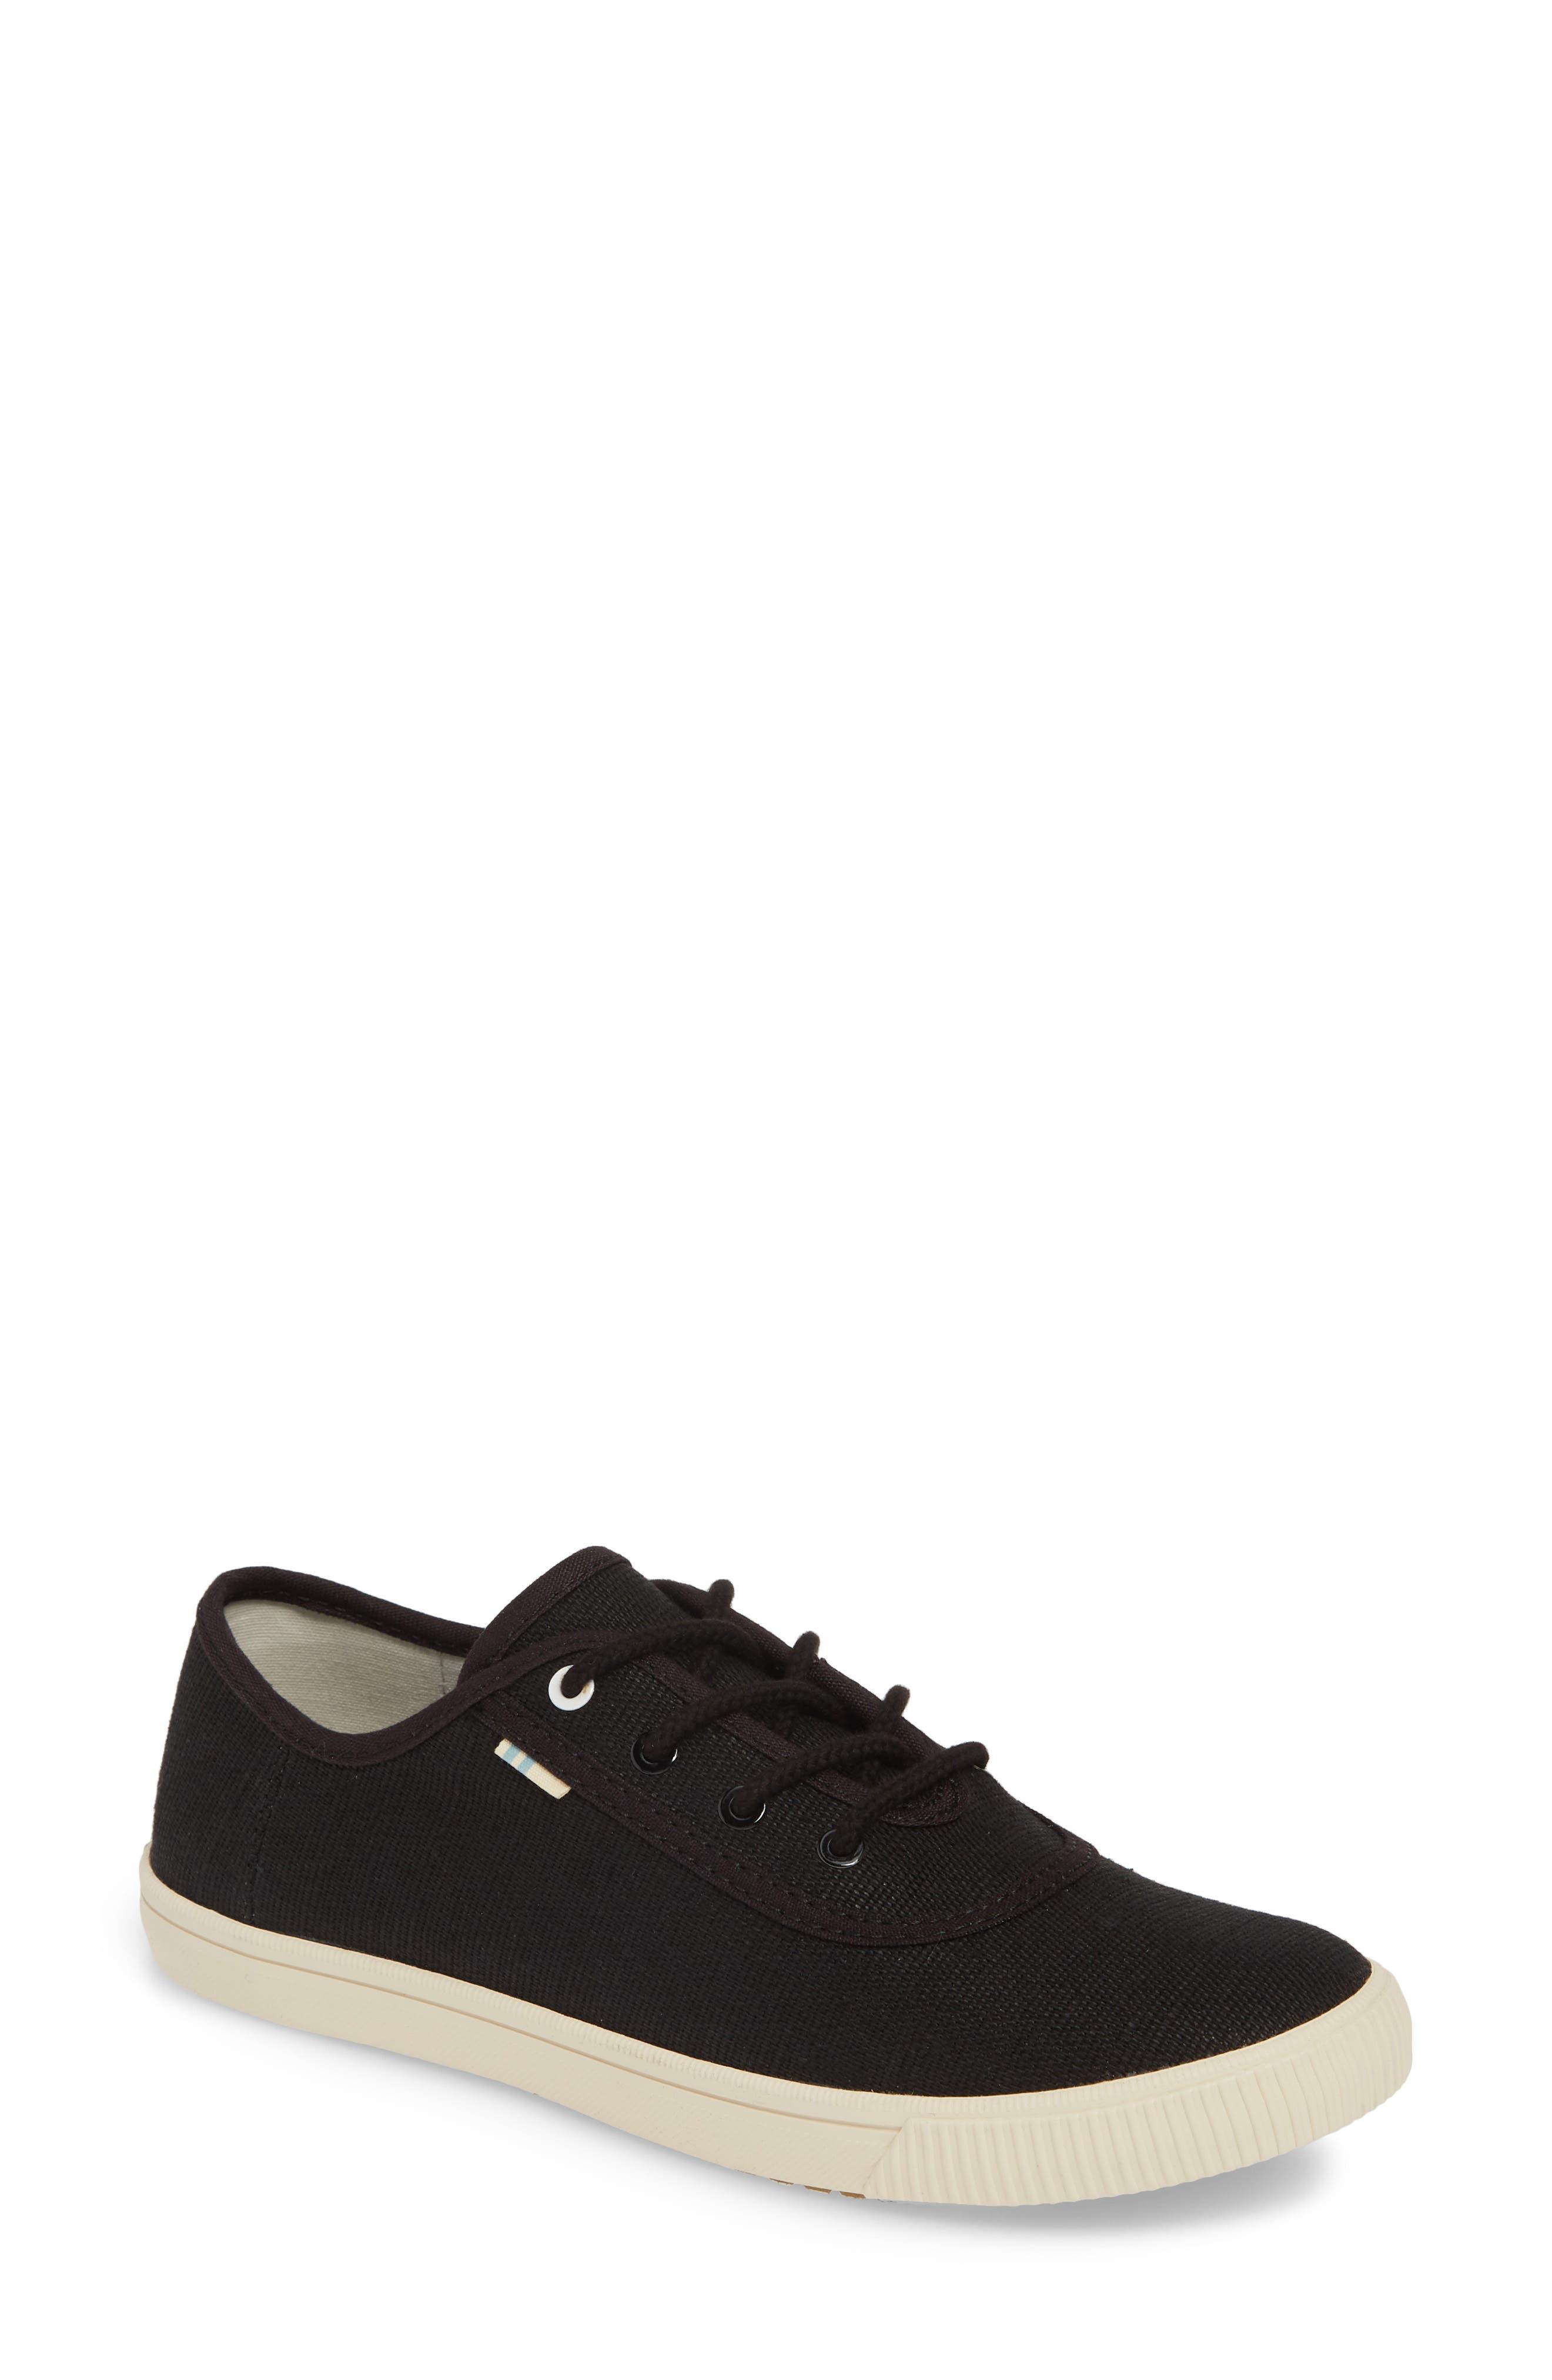 Toms Carmel Sneaker, Black